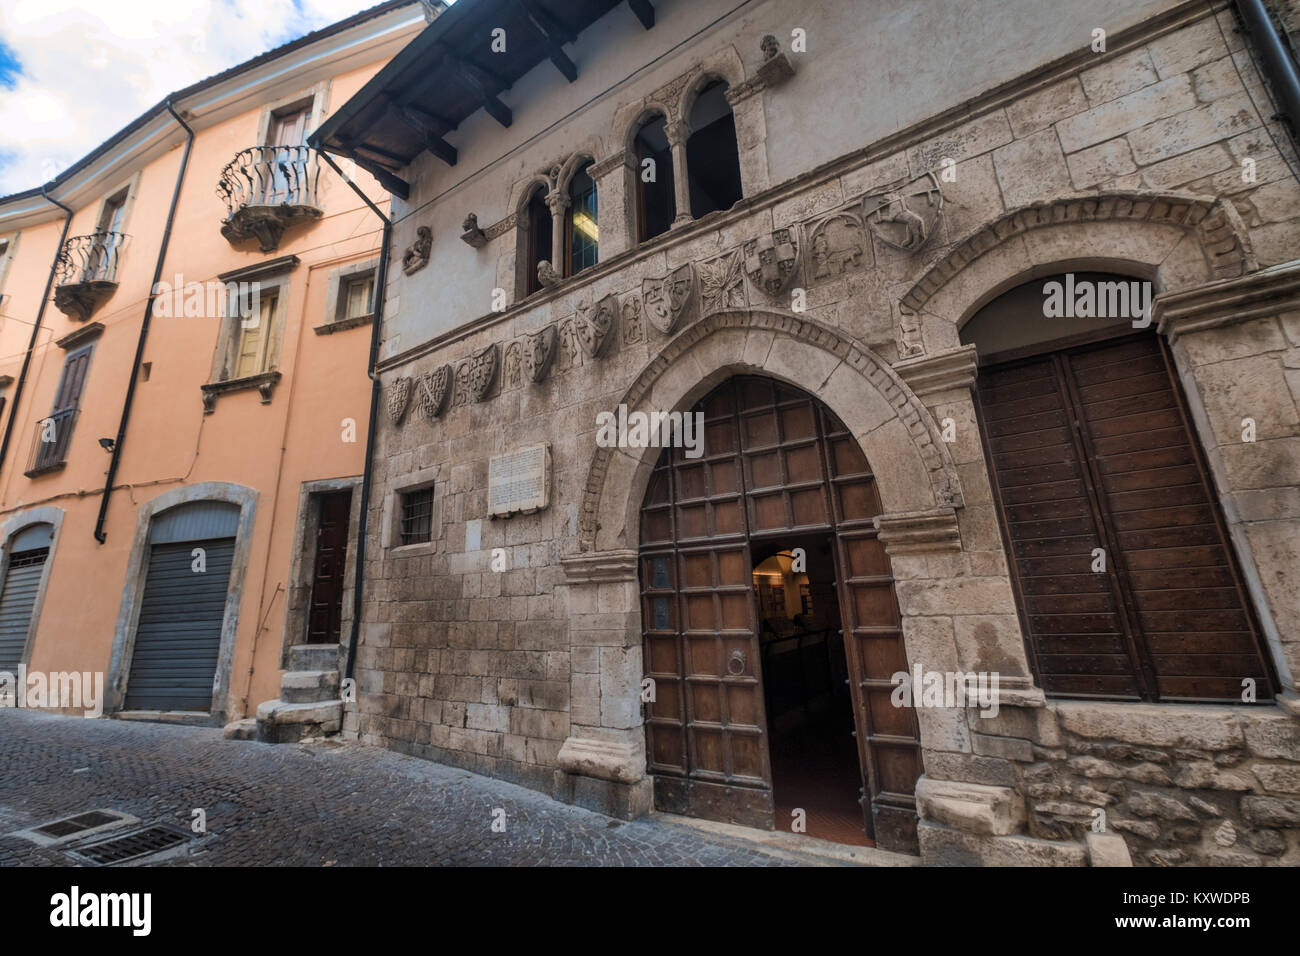 Popoli (L'Aquila, Abruzzi, Italy): historic palace in Piazza della Liberta, the main square of the city, known - Stock Image